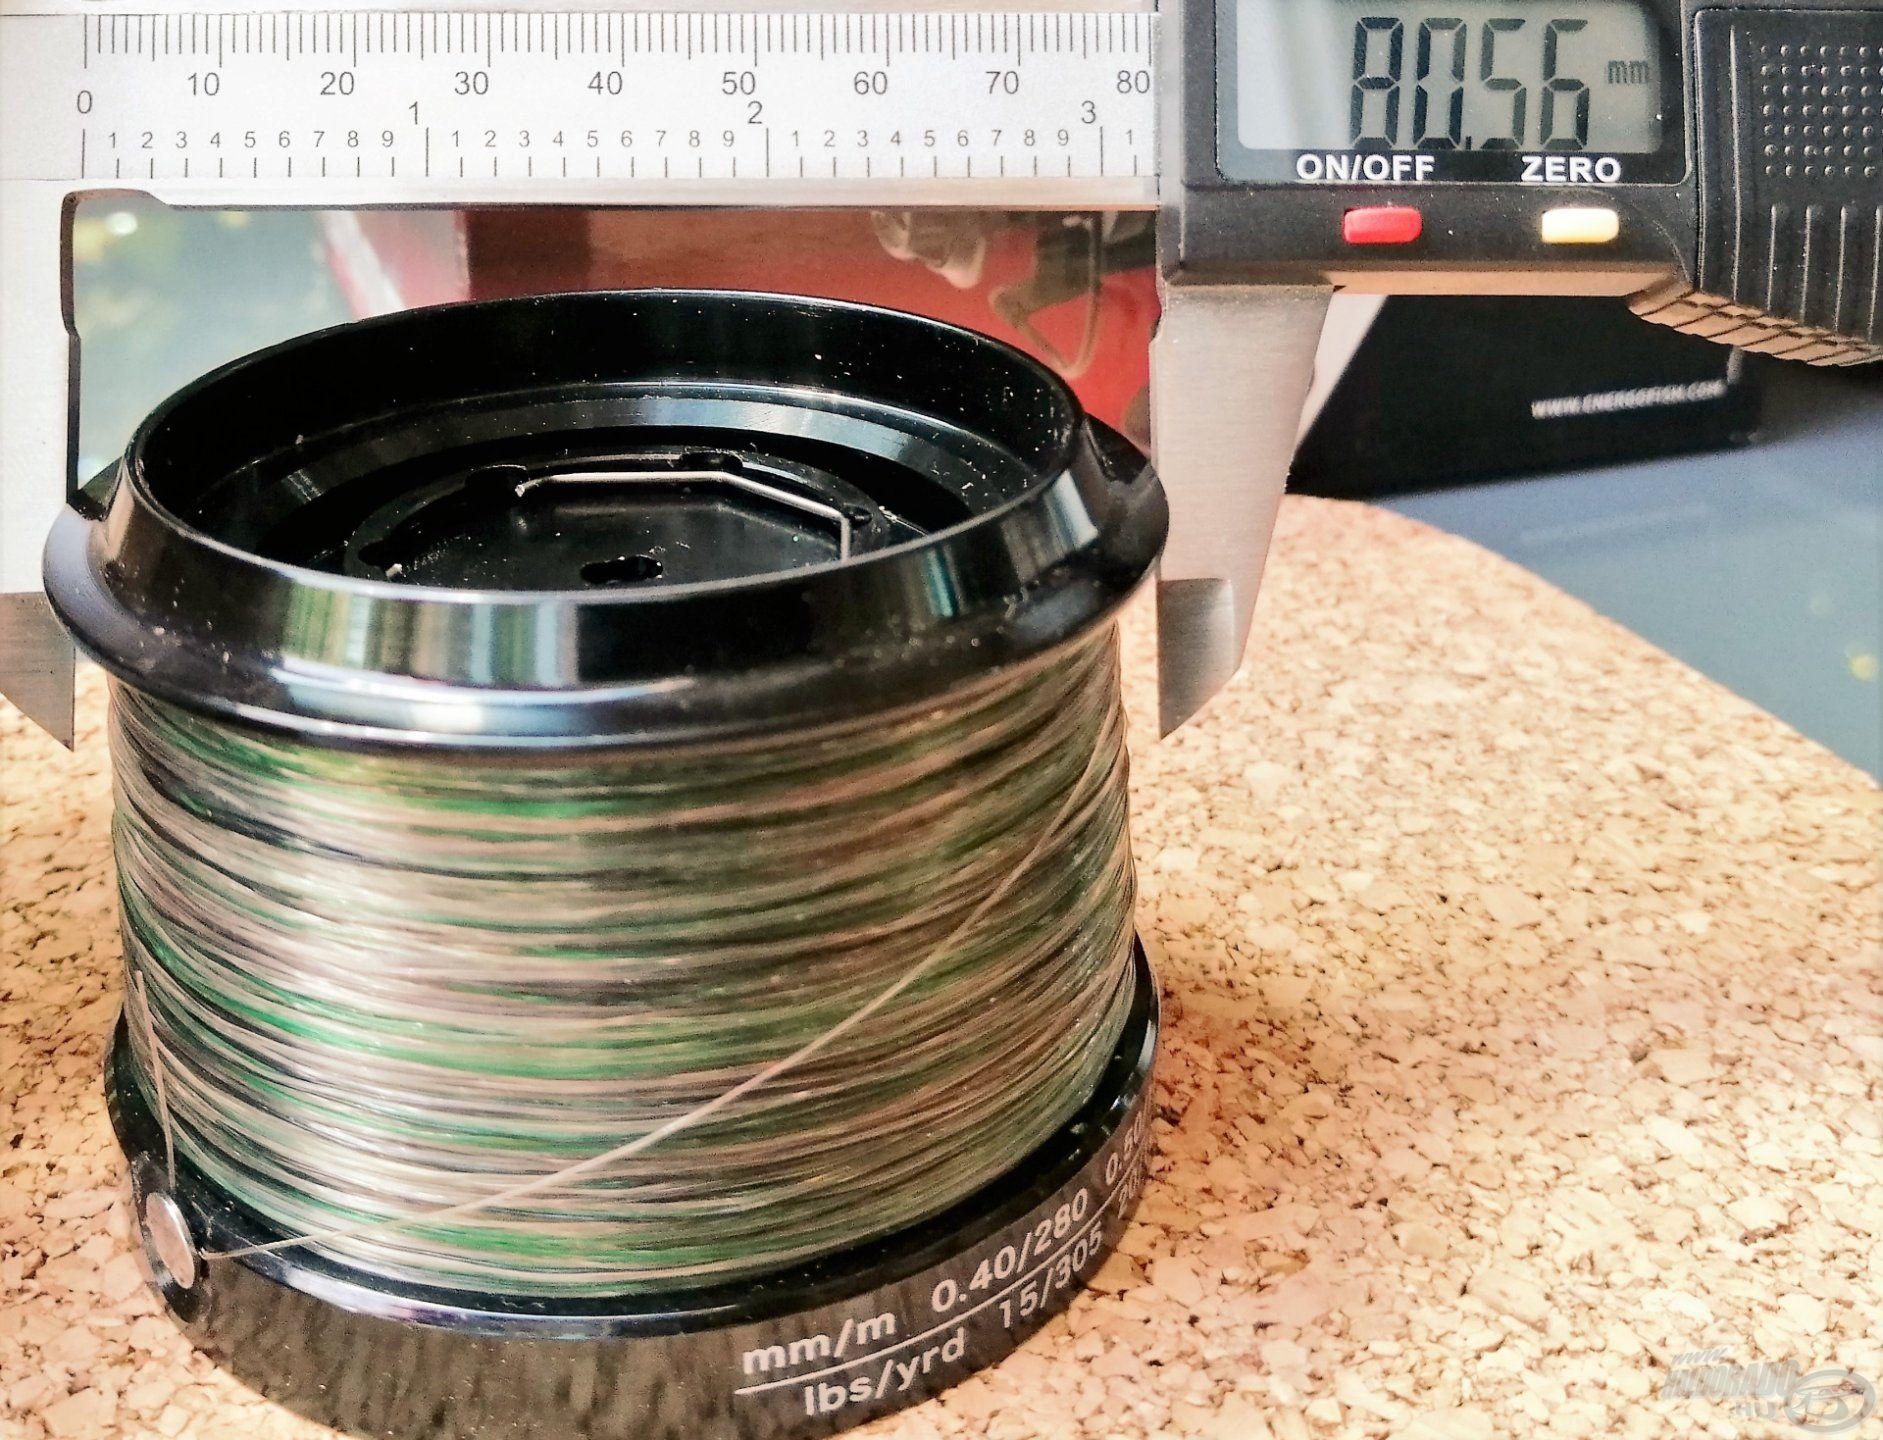 Tekintélyt parancsoló a 80 millimétert meghaladó dobátmérő